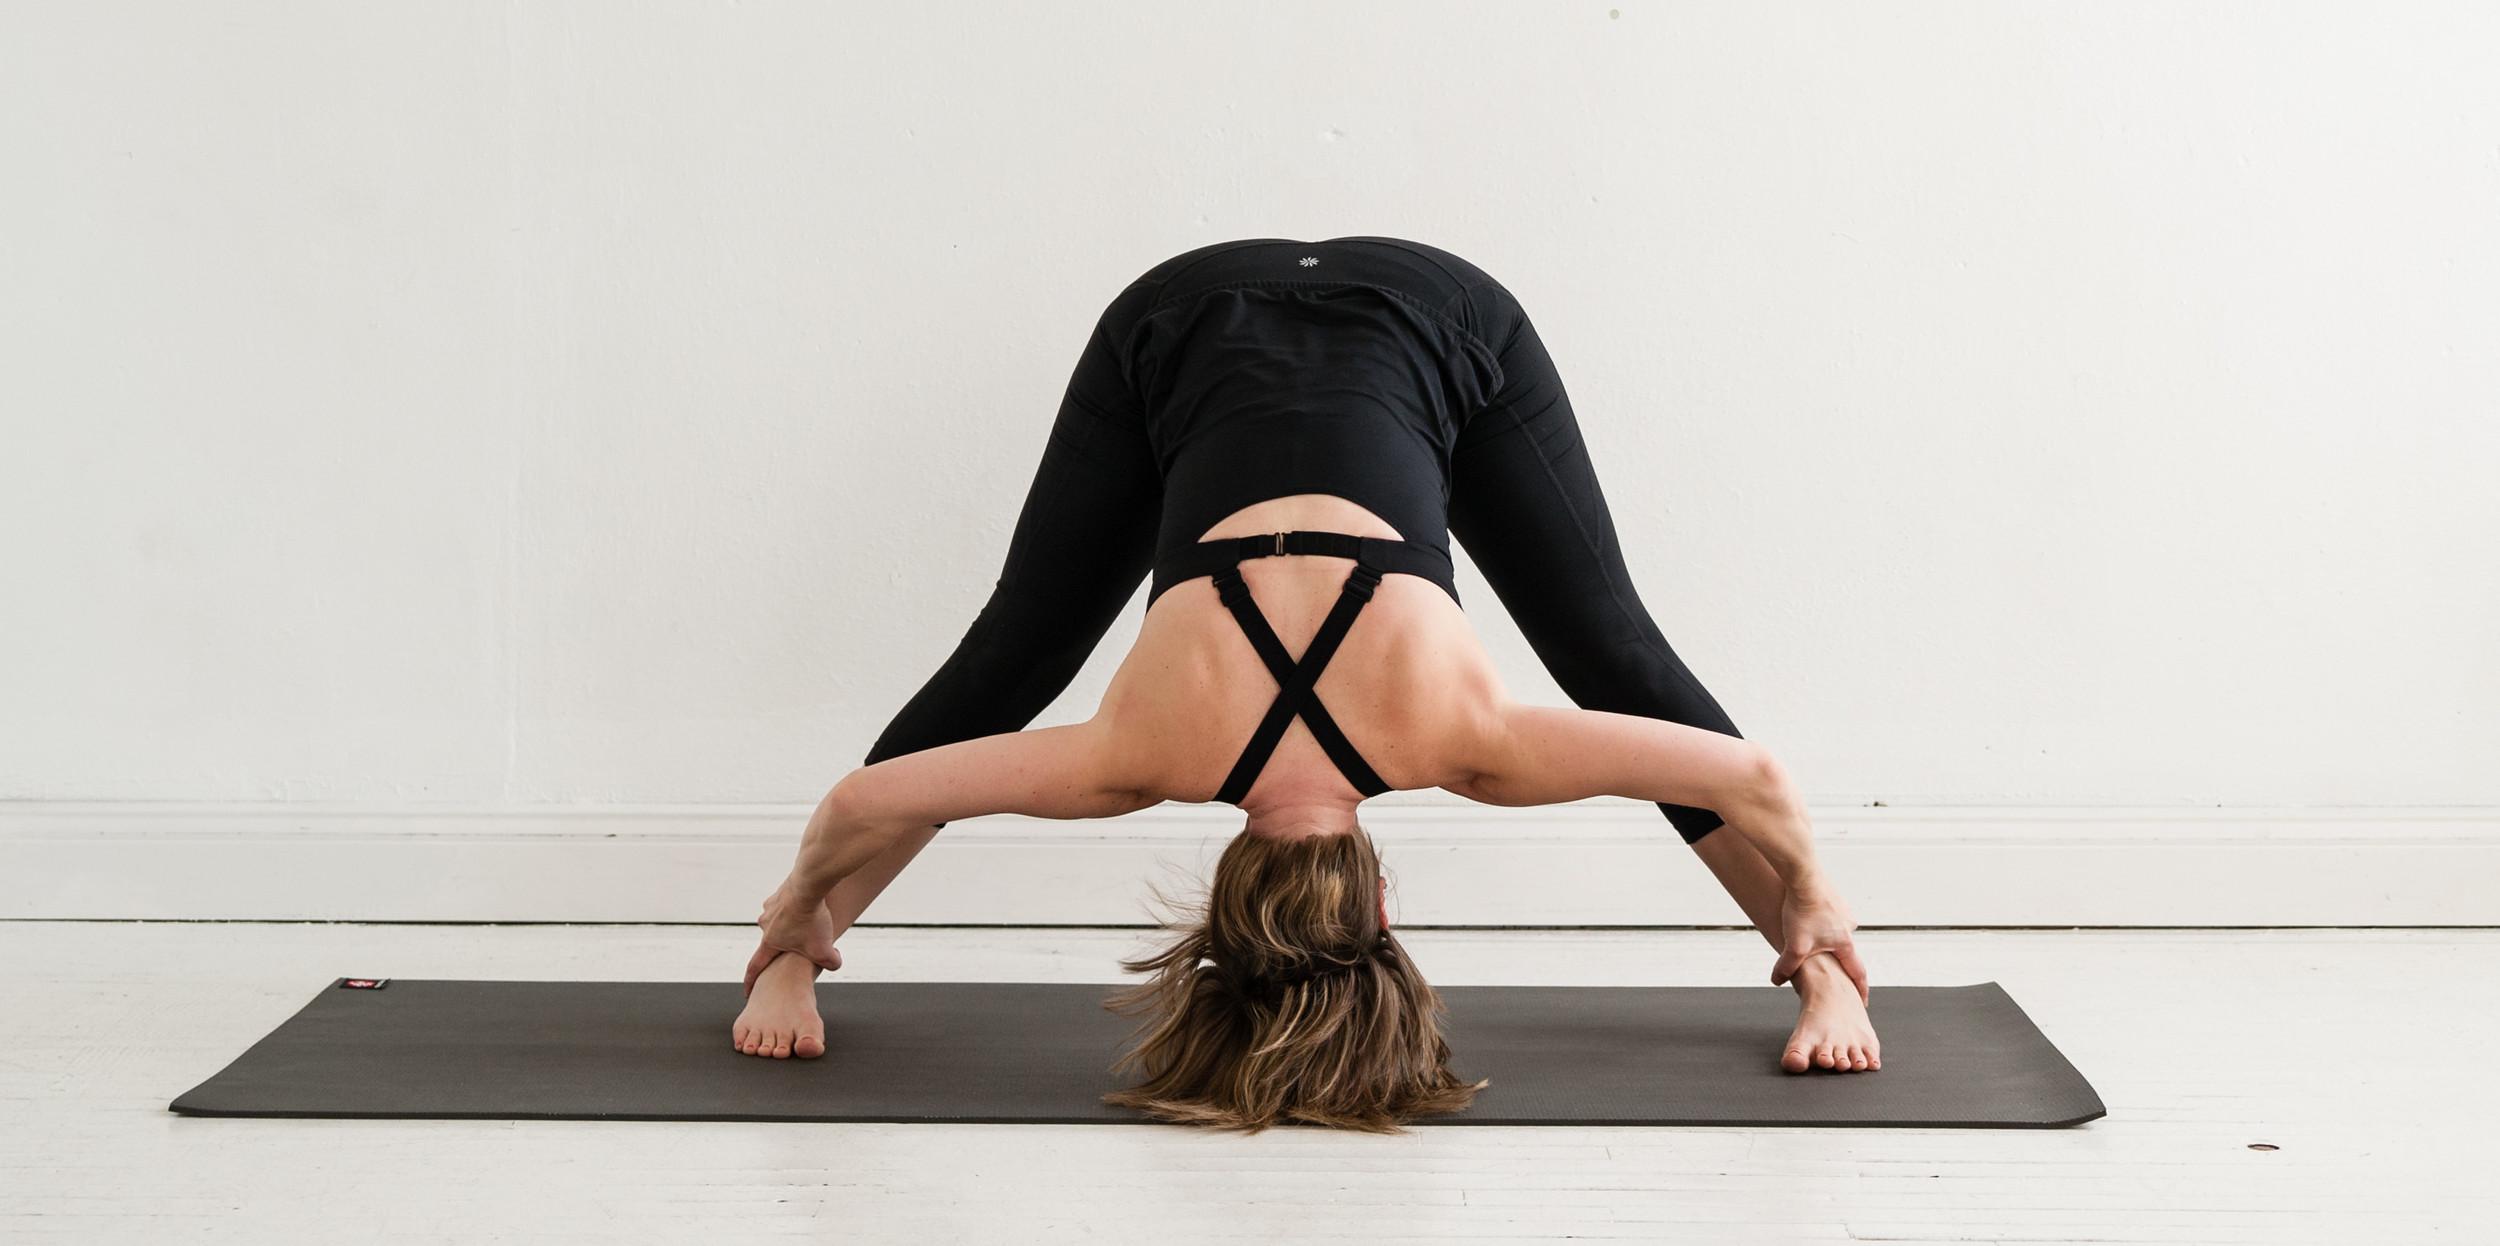 Yoga-Photos_2-93-copy-e1442249427175.jpg